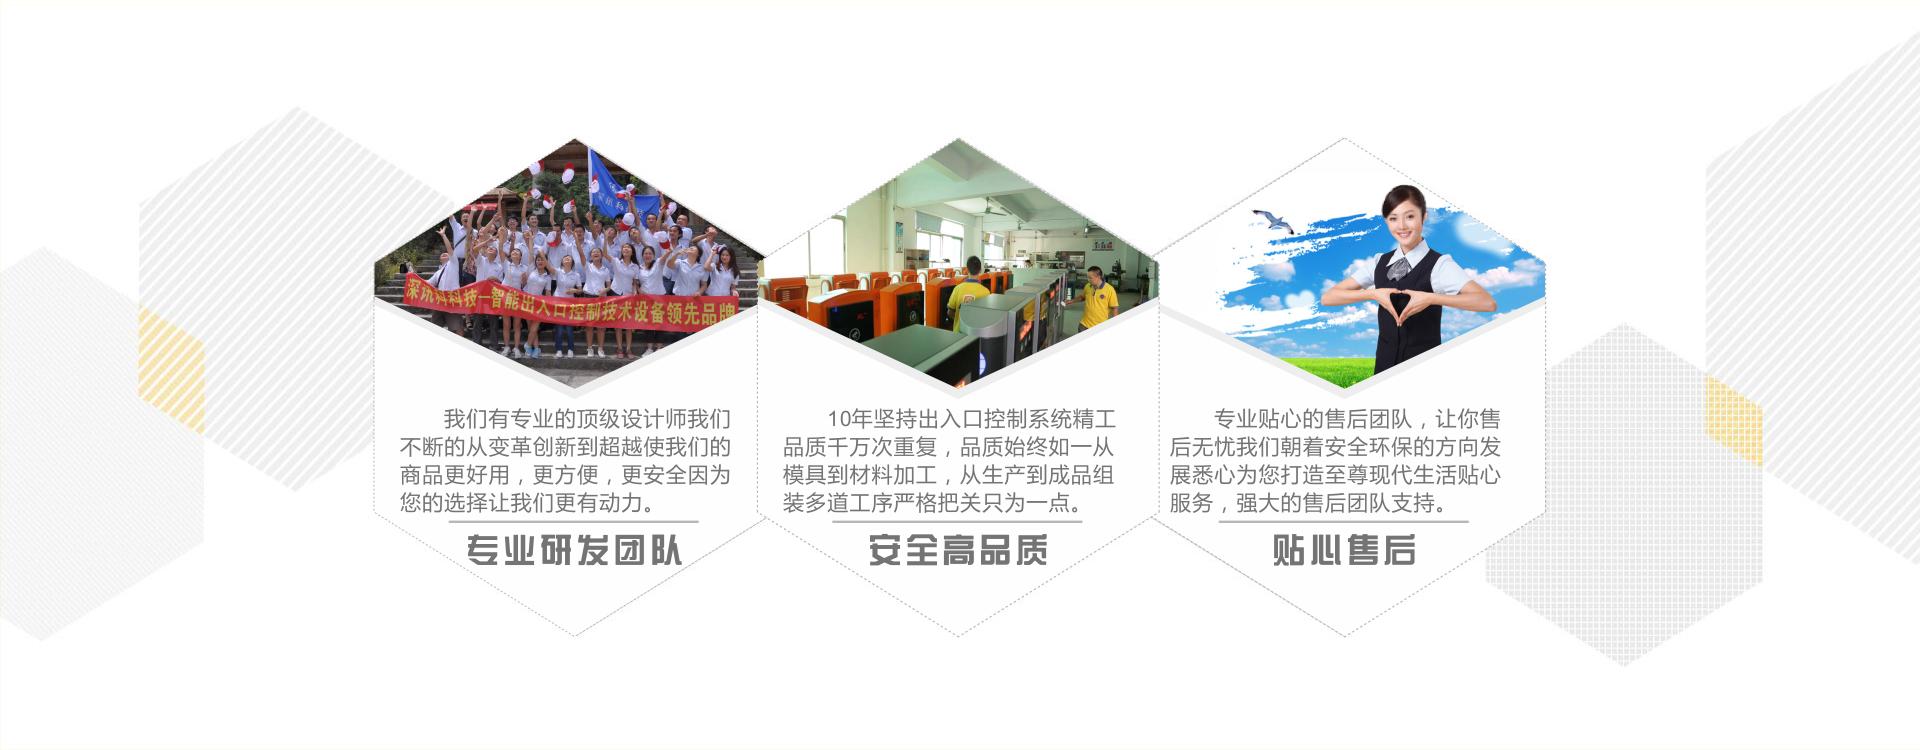 【评选】2017中国云停车十大品牌评选第三波:深讯科